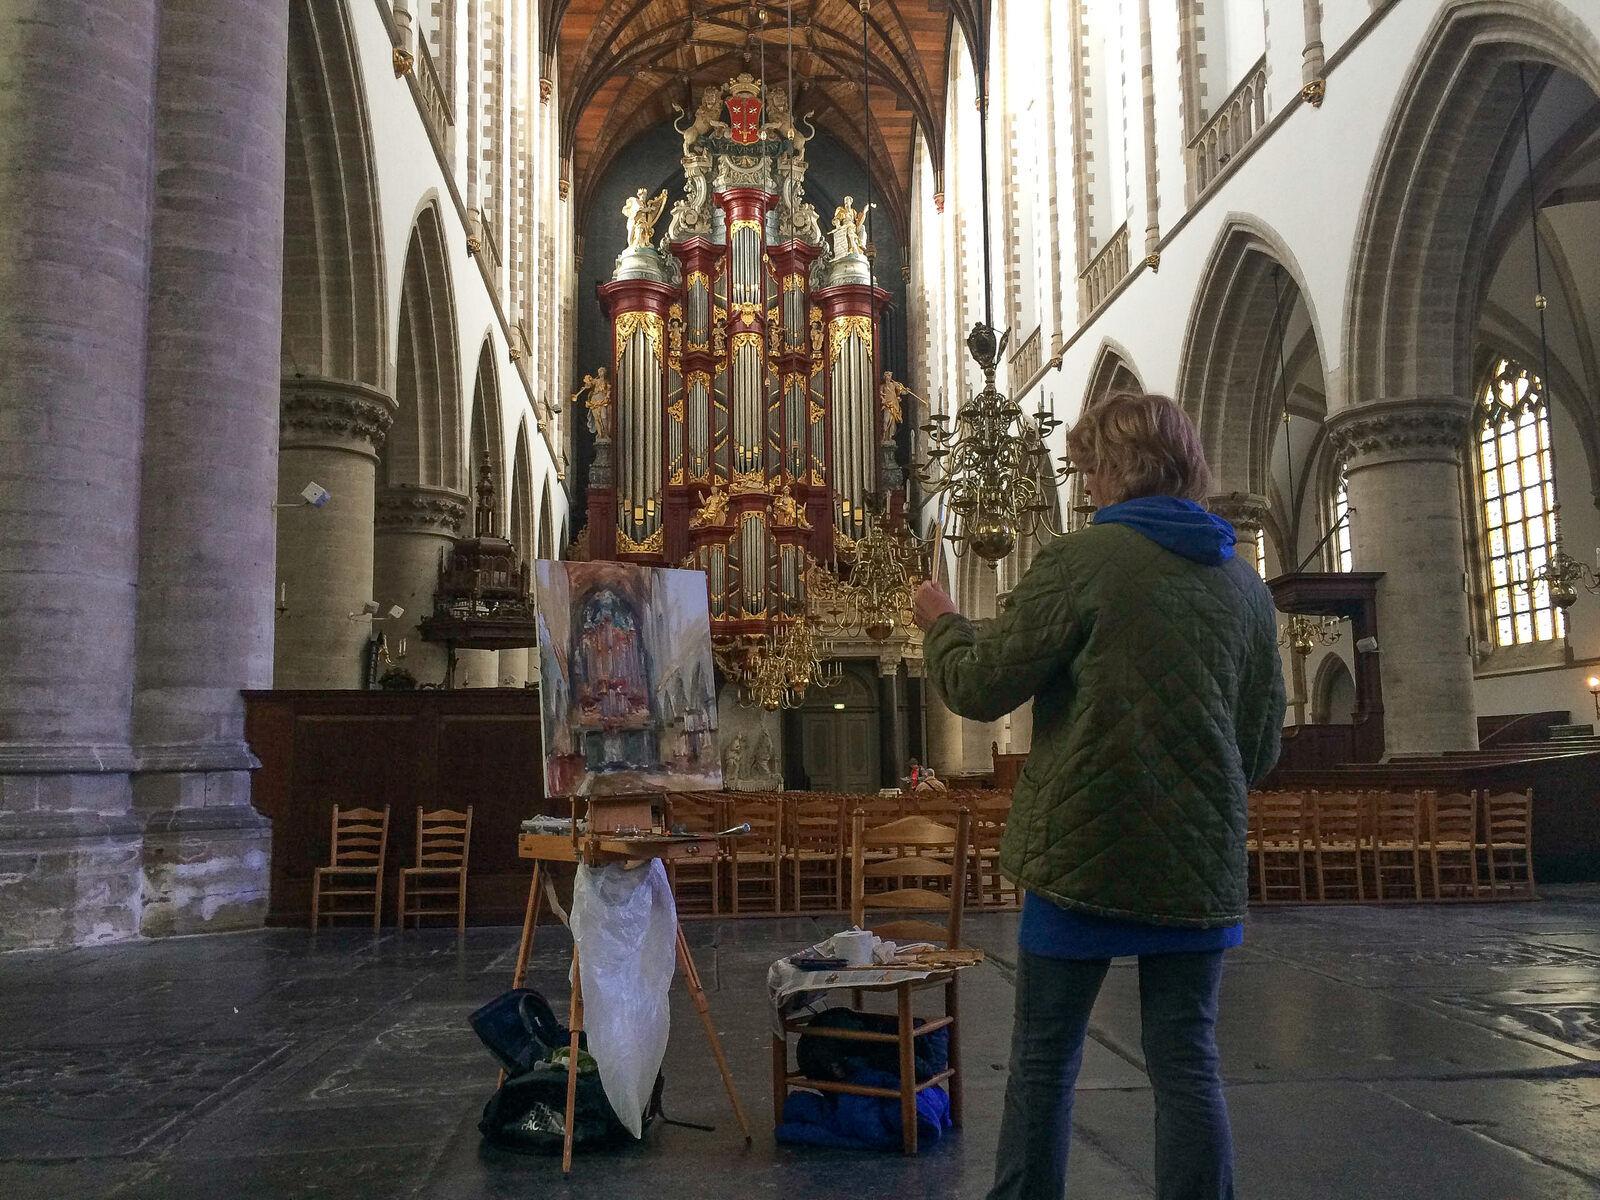 Dorien van Diemen, Interieur Bavo Haarlem , Dorien van Diemen schildert de Bavo Haarlem van binnen